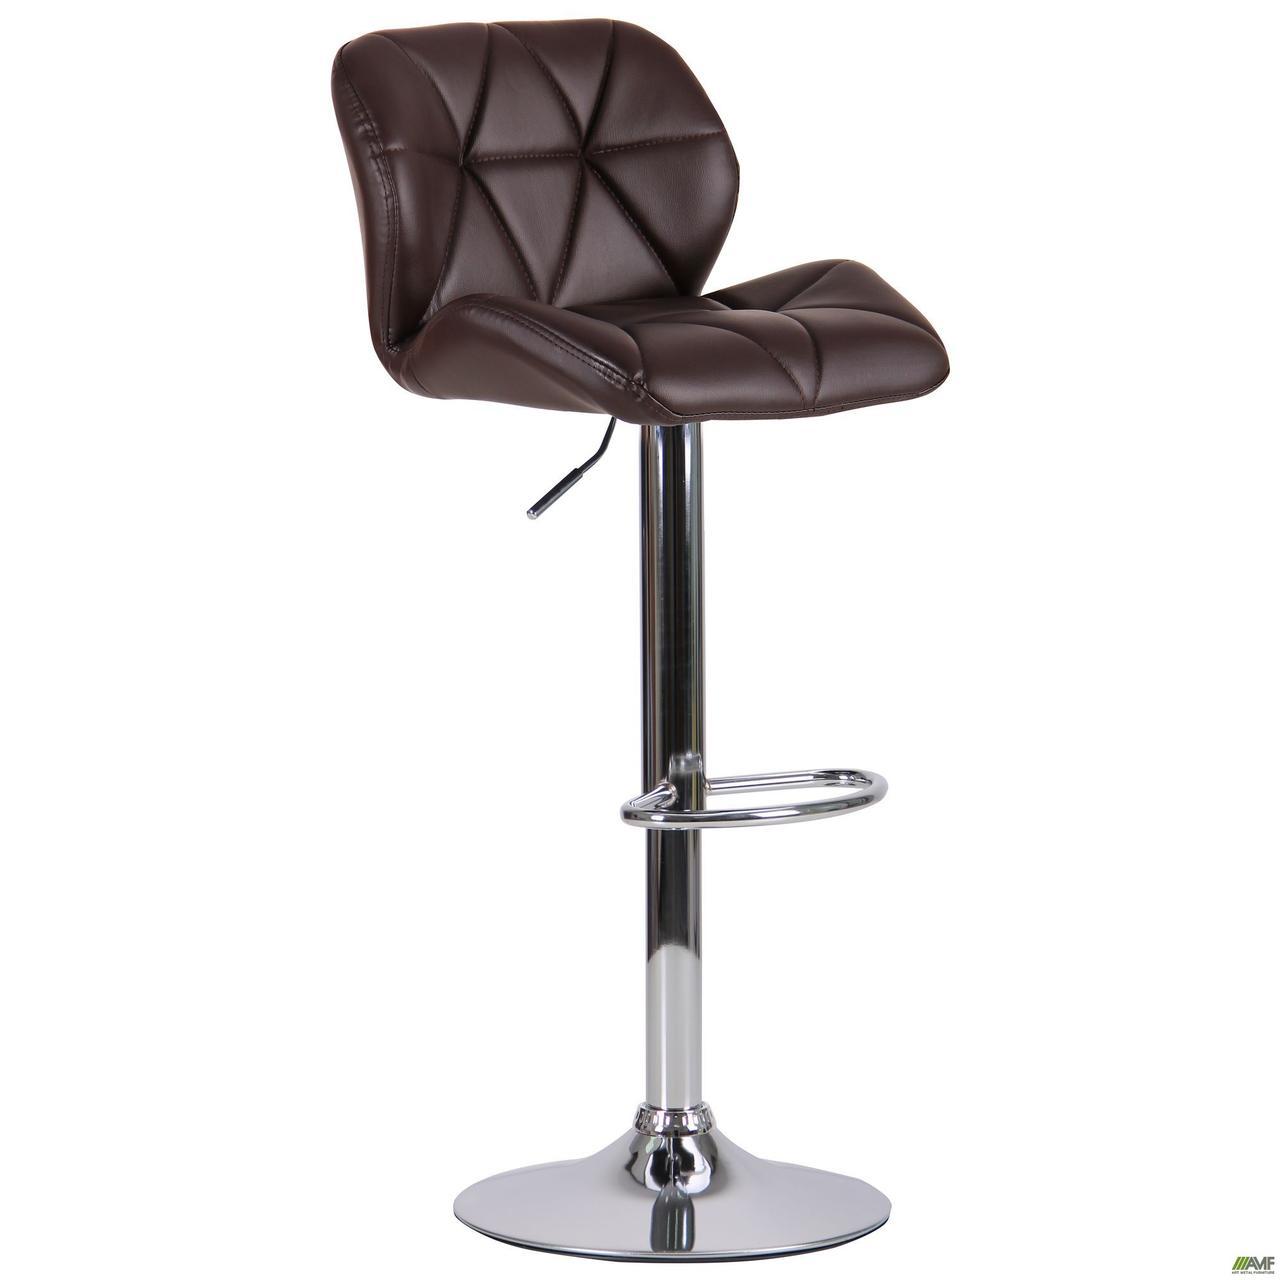 Высокий барный стул AMF Vensan коричневый хром опора ножка